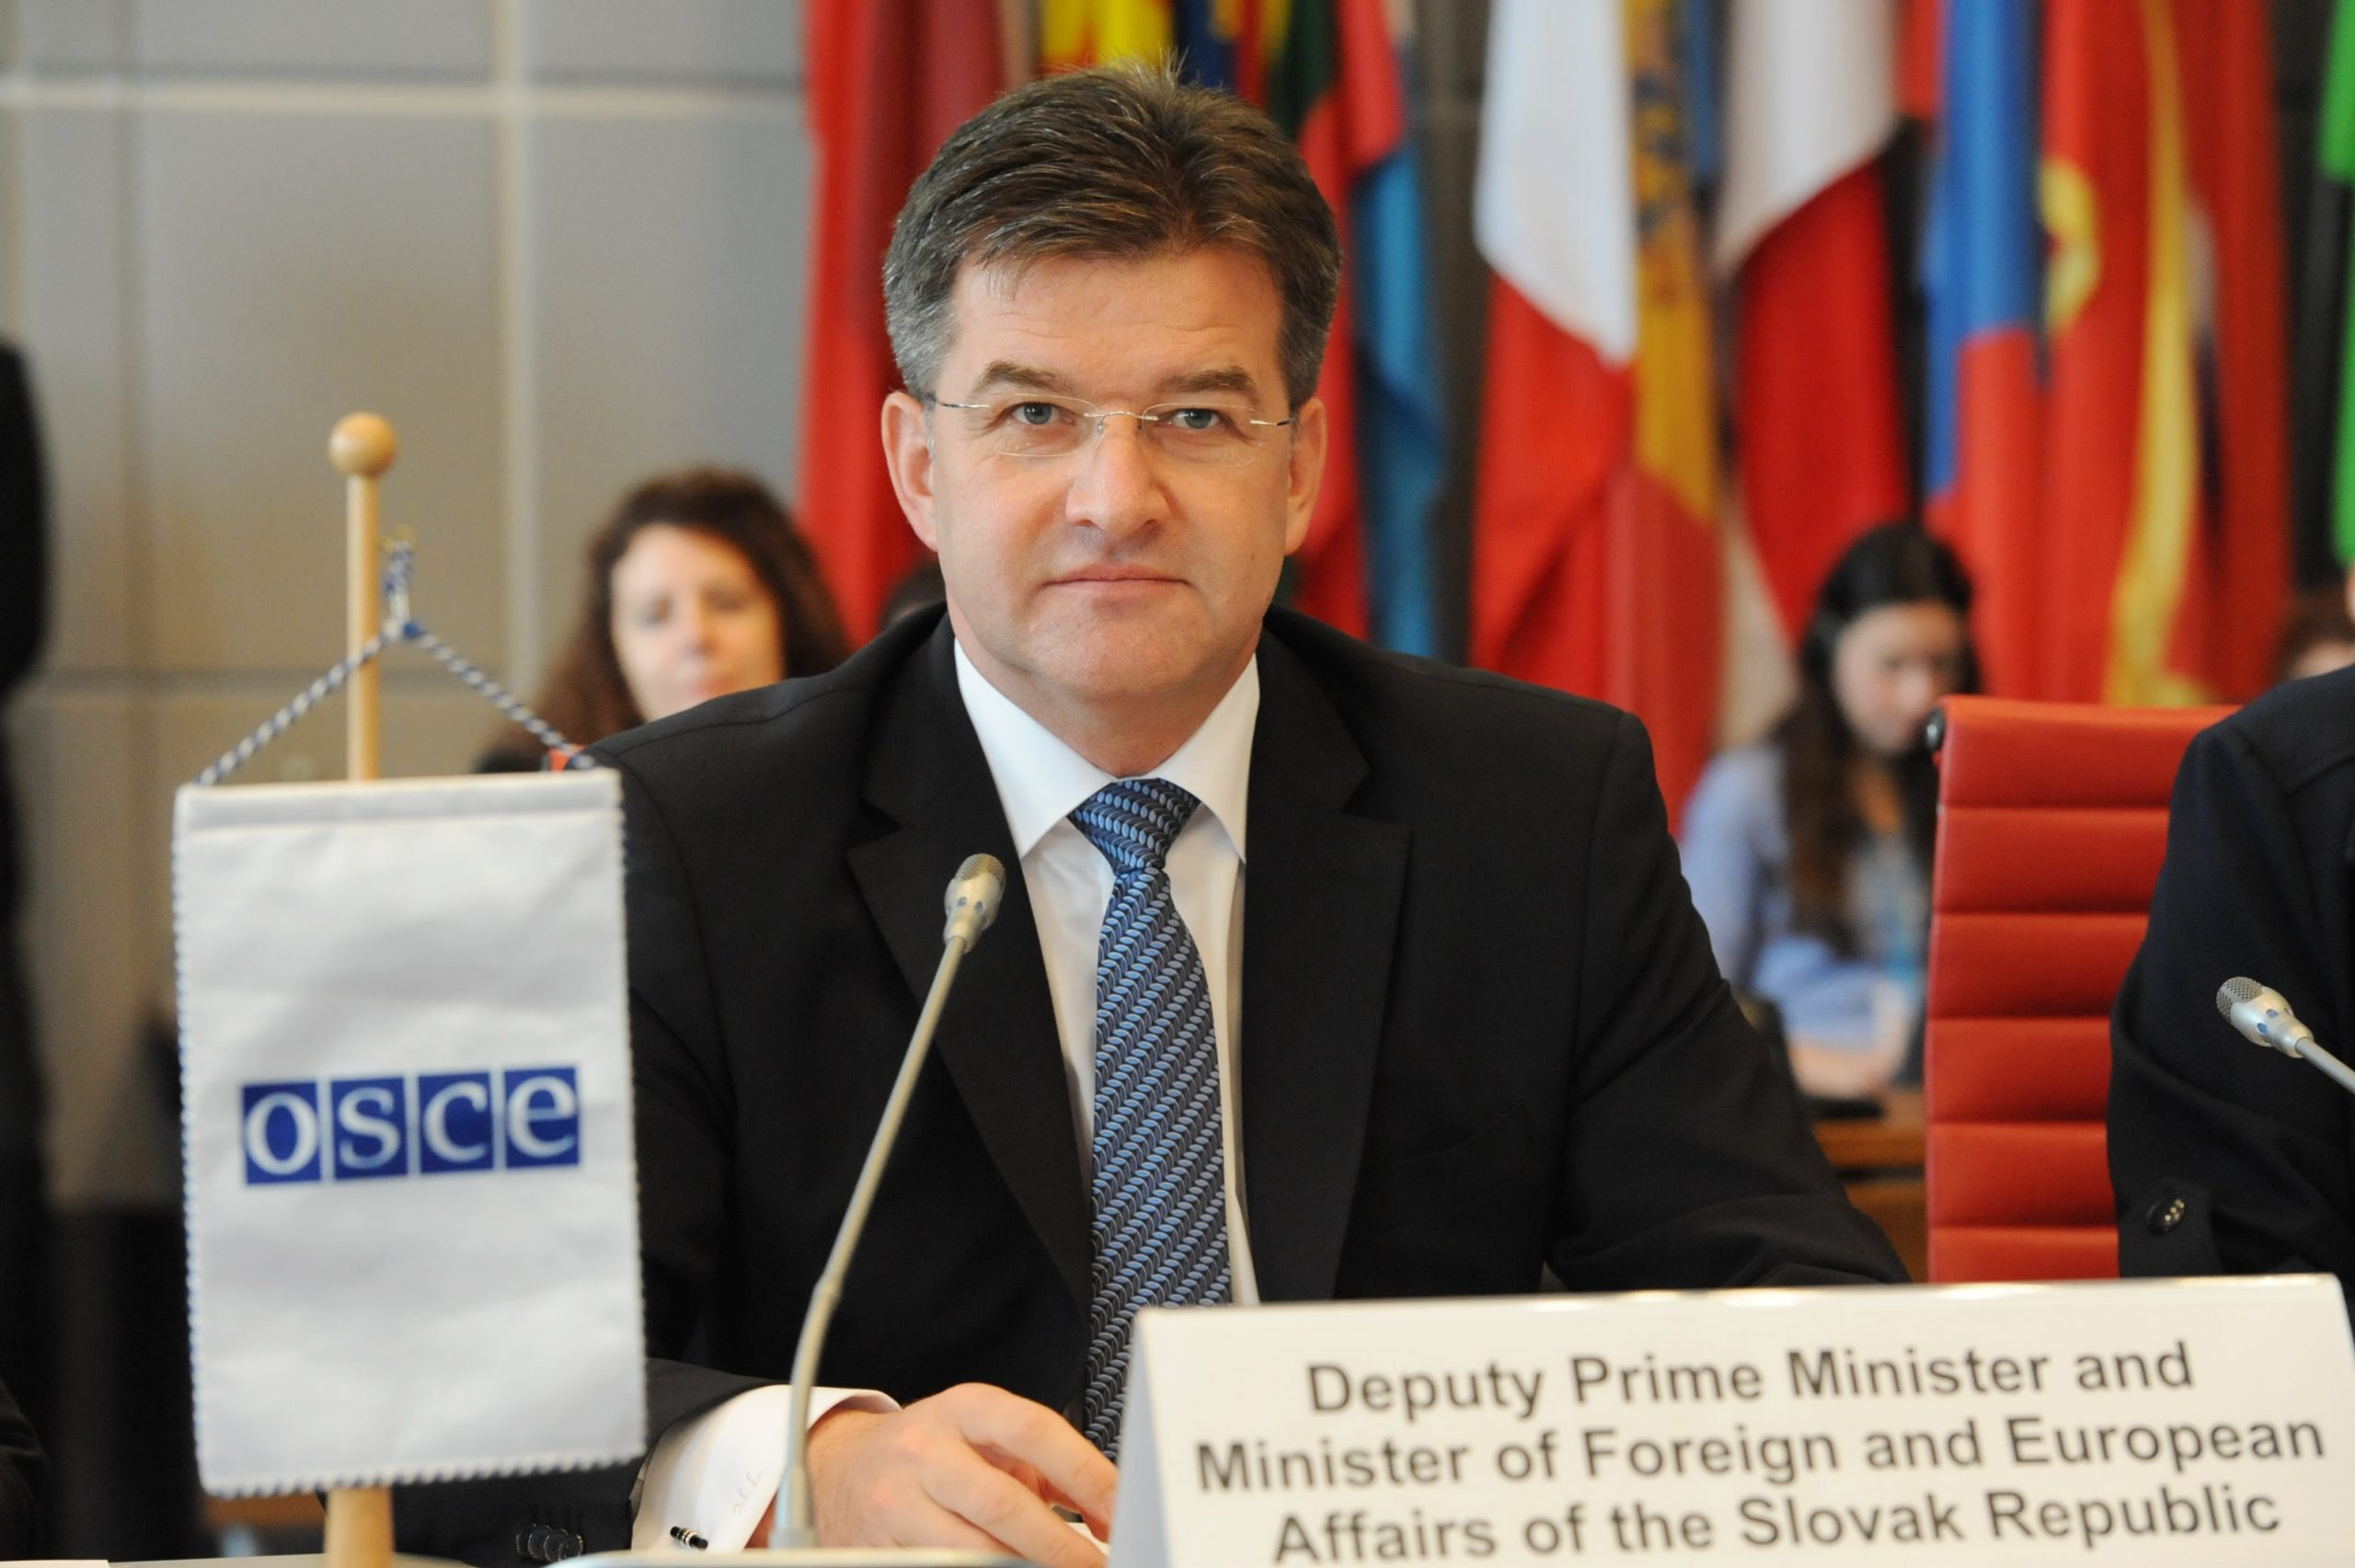 Lajcak: Dialogu duhet t'i sjellë njohje të plotë ndërkombëtare Kosovës